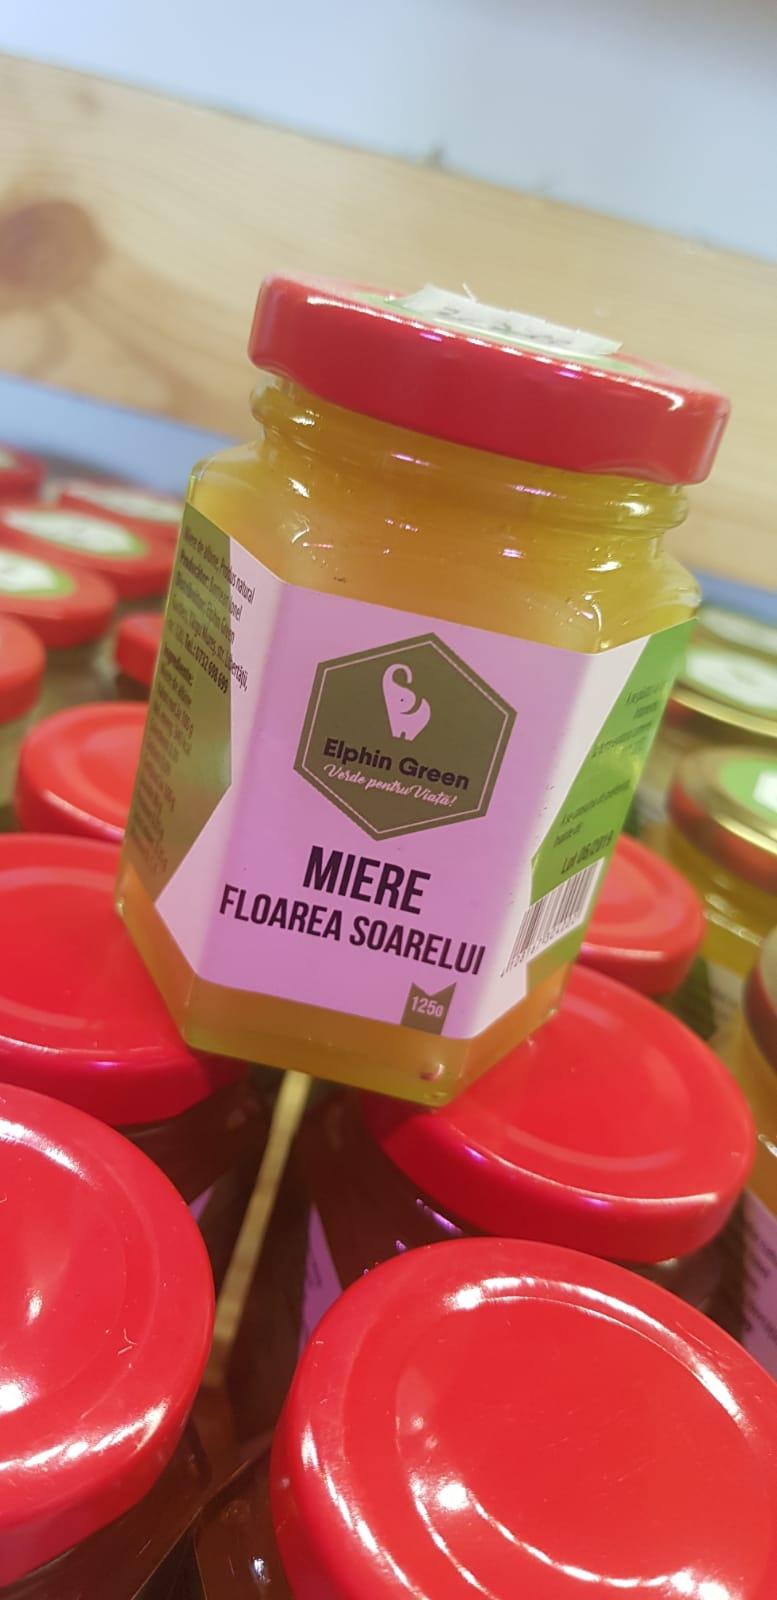 miere floarea soarelui 125 g